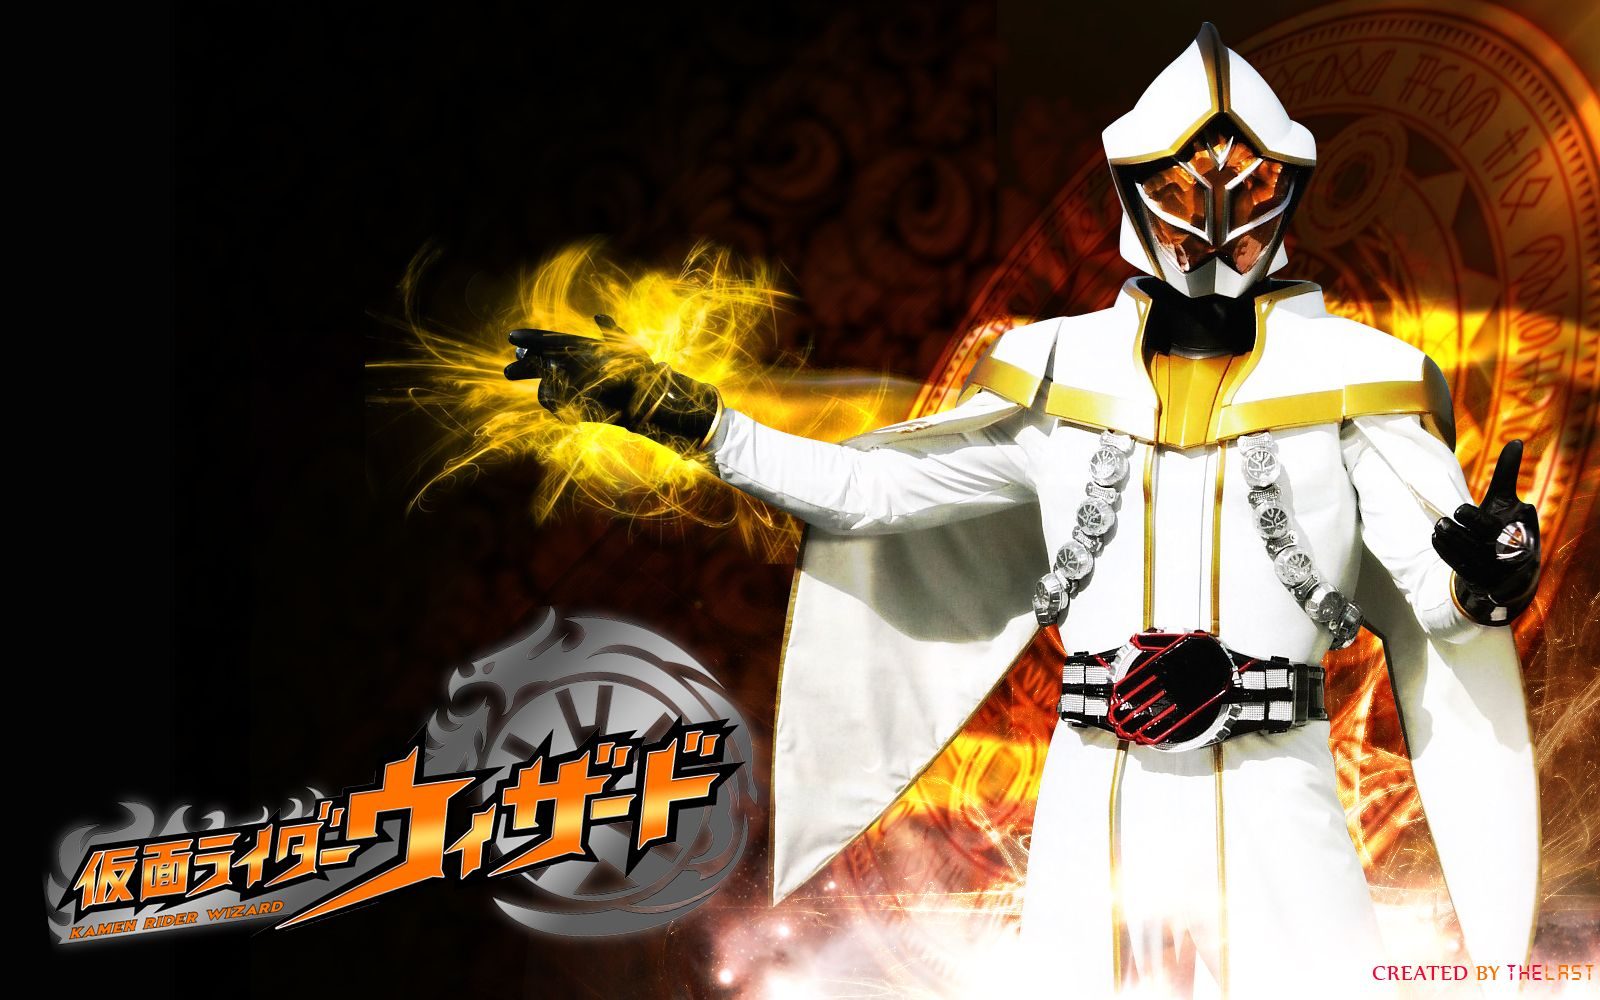 Kamen Rider Wiseman Kamen Rider Kamen Rider Wizard Rider